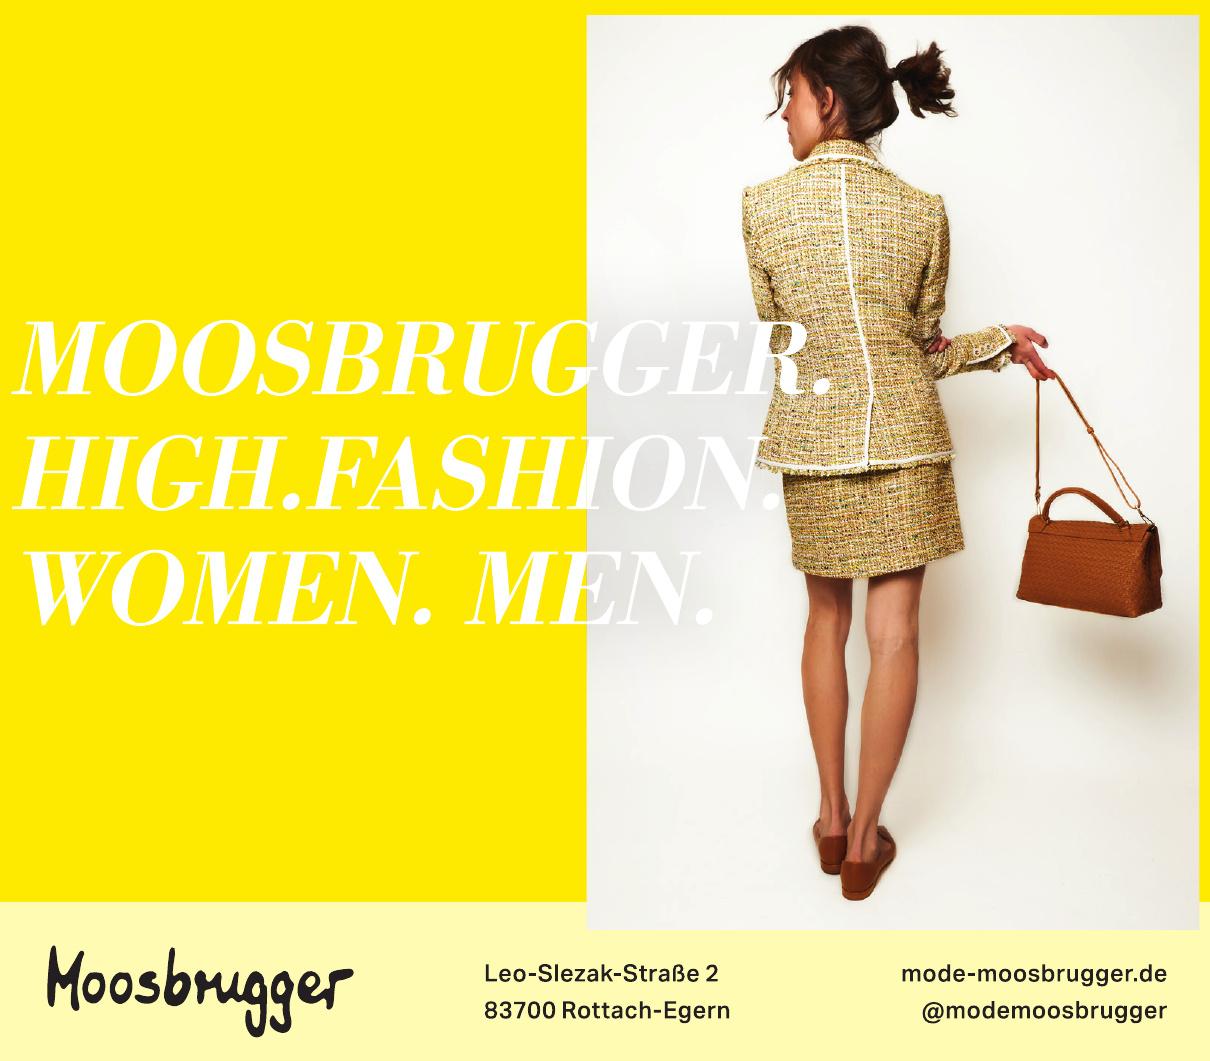 Moosbrugger